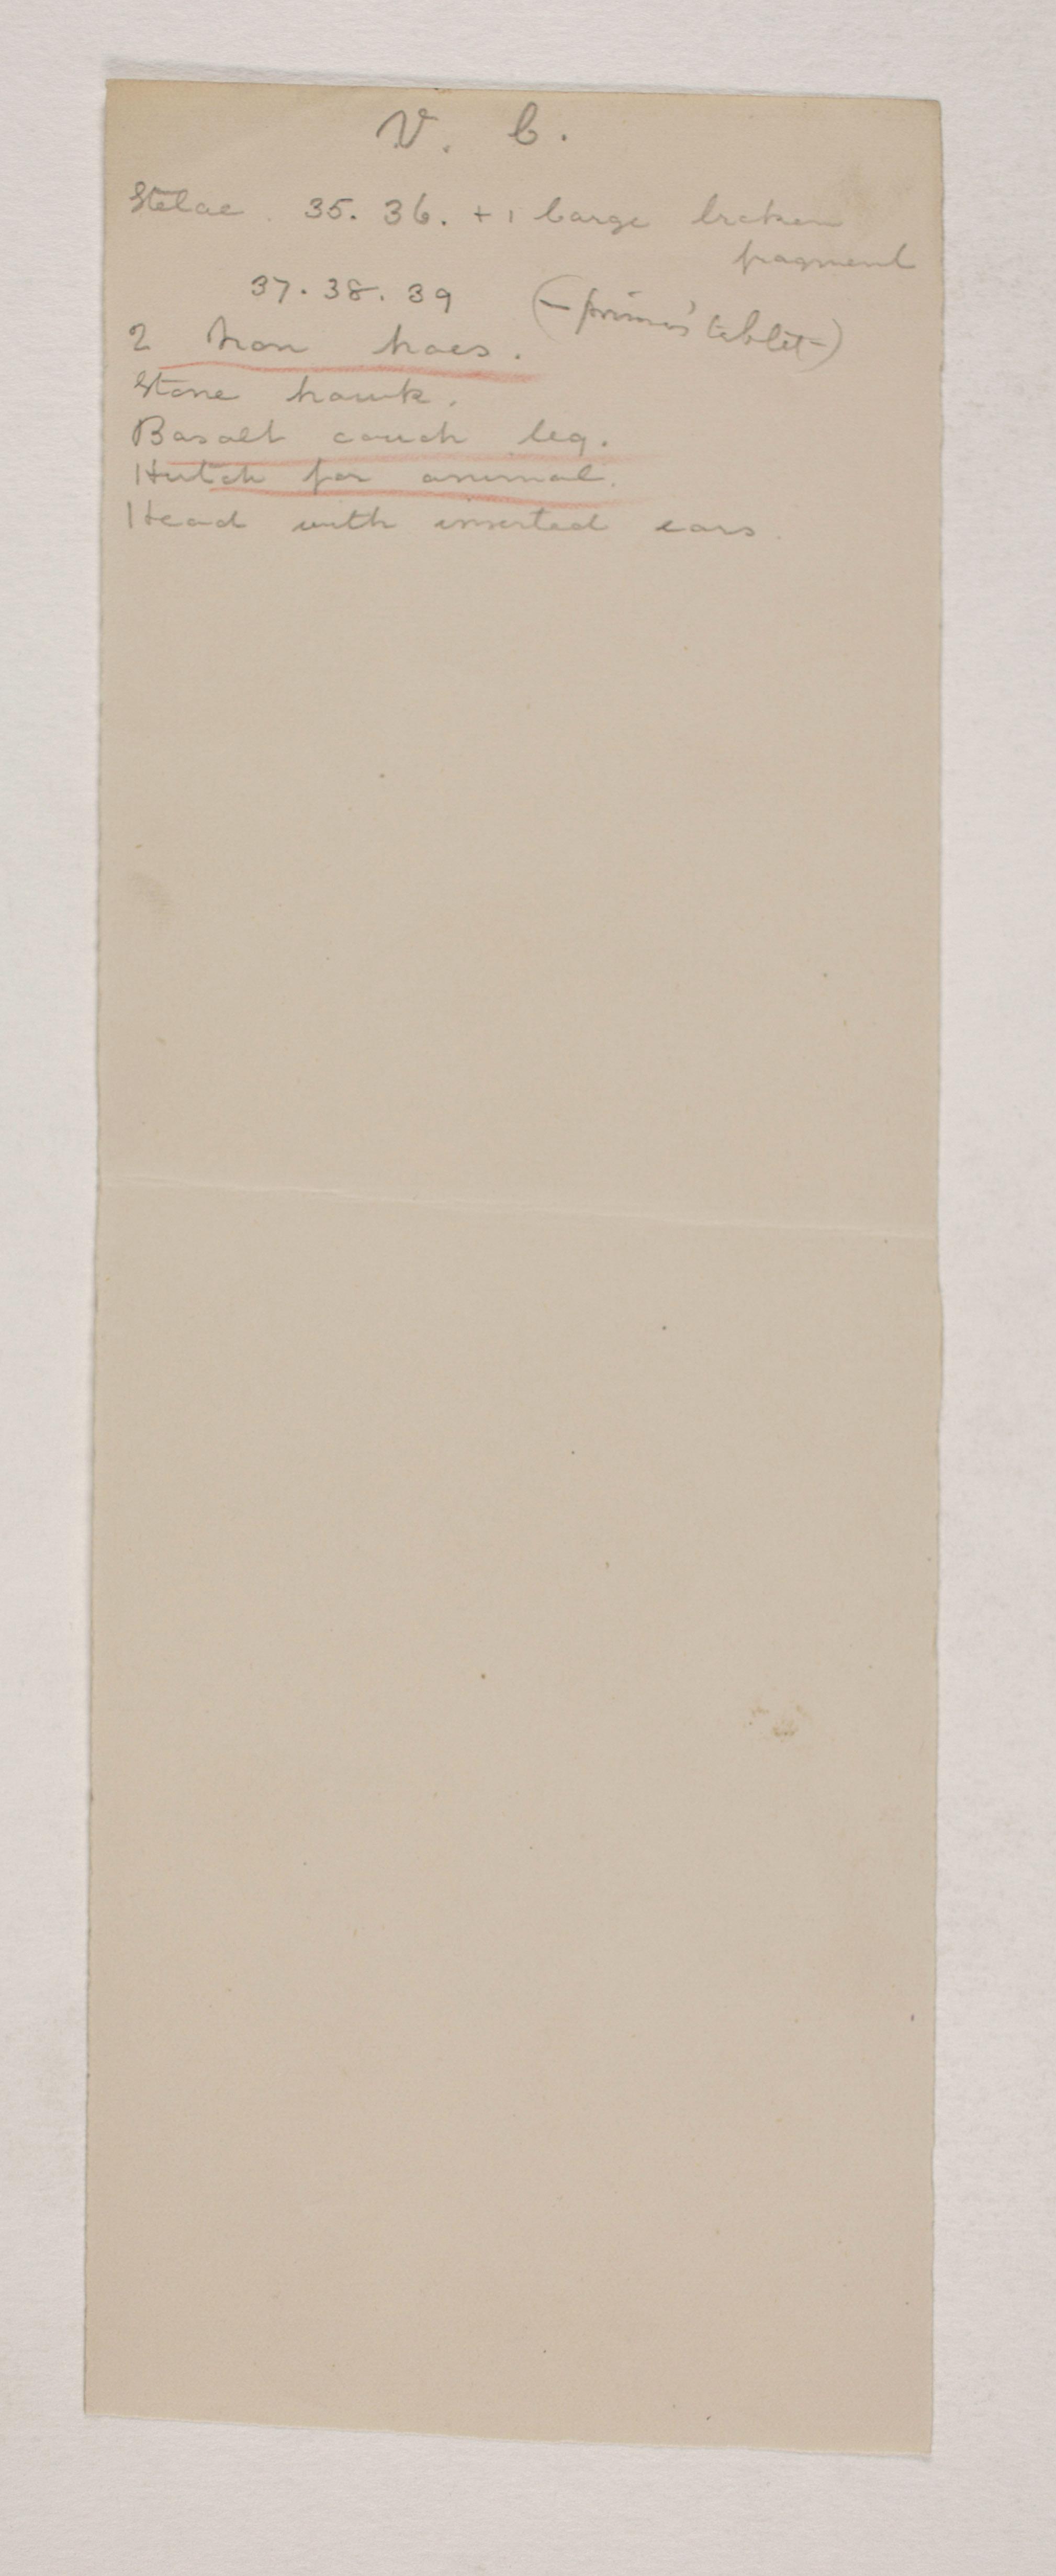 1907-08 Athribis, Memphis Individual institution list  PMA/WFP1/D/16/14